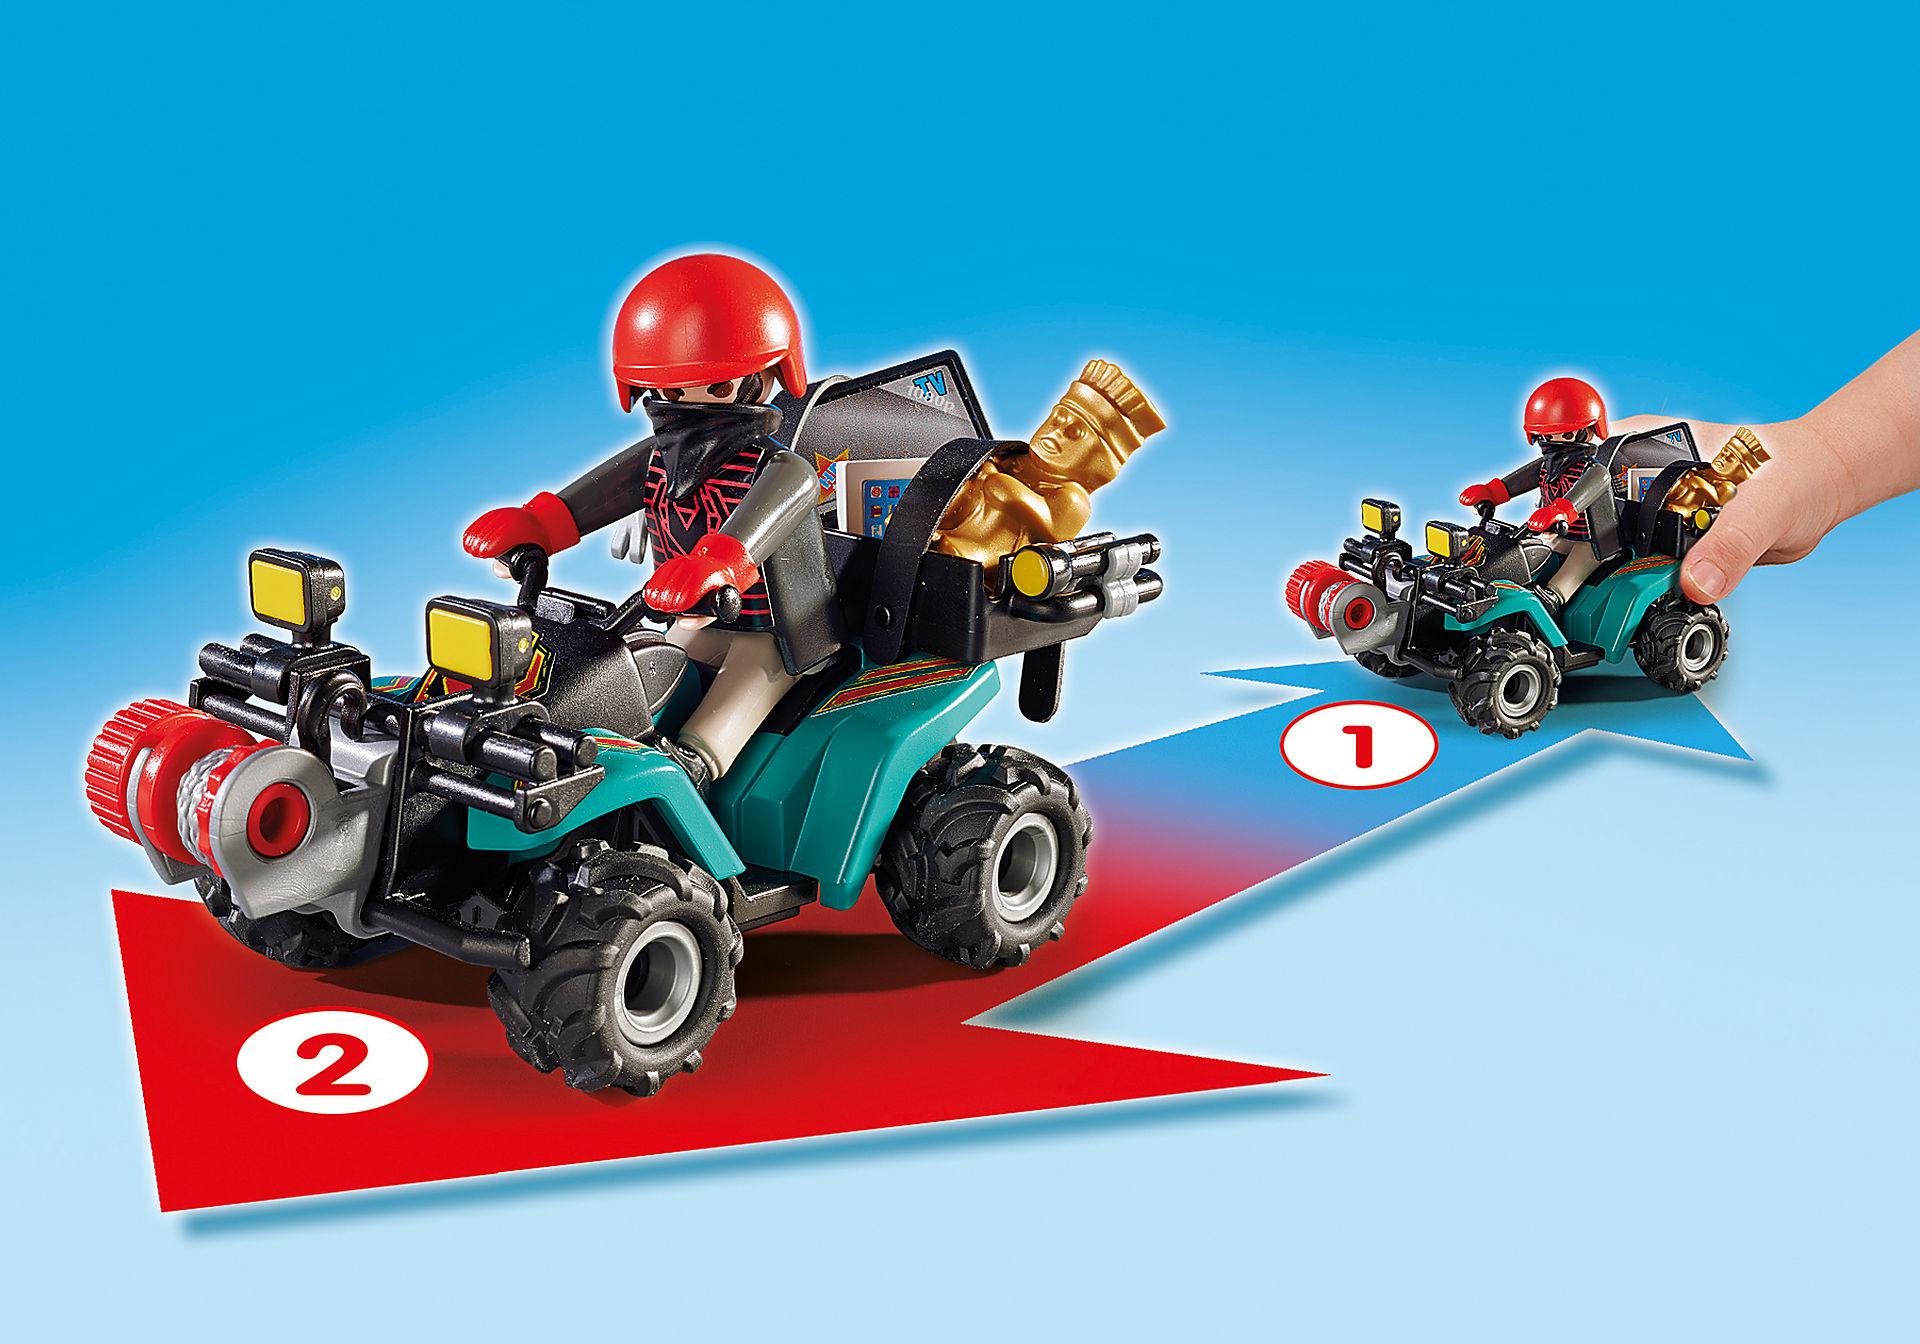 http://media.playmobil.com/i/playmobil/6879_product_extra1/Ladrão com Moto 4